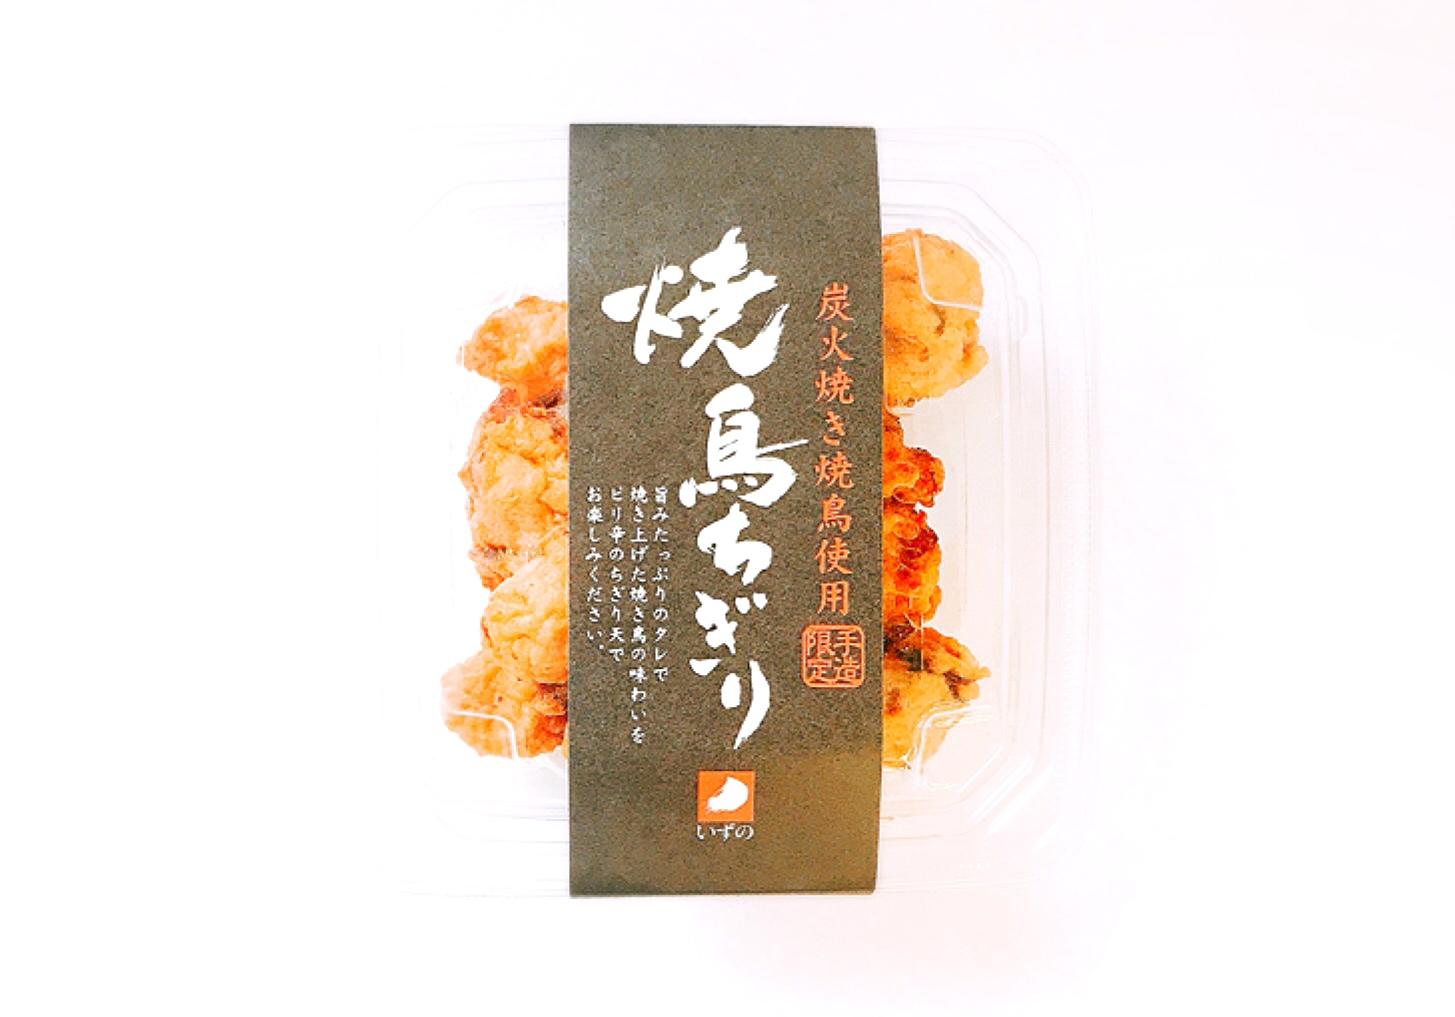 新発売!【焼鳥ちぎり】中国四国地方のセブンイレブン限定